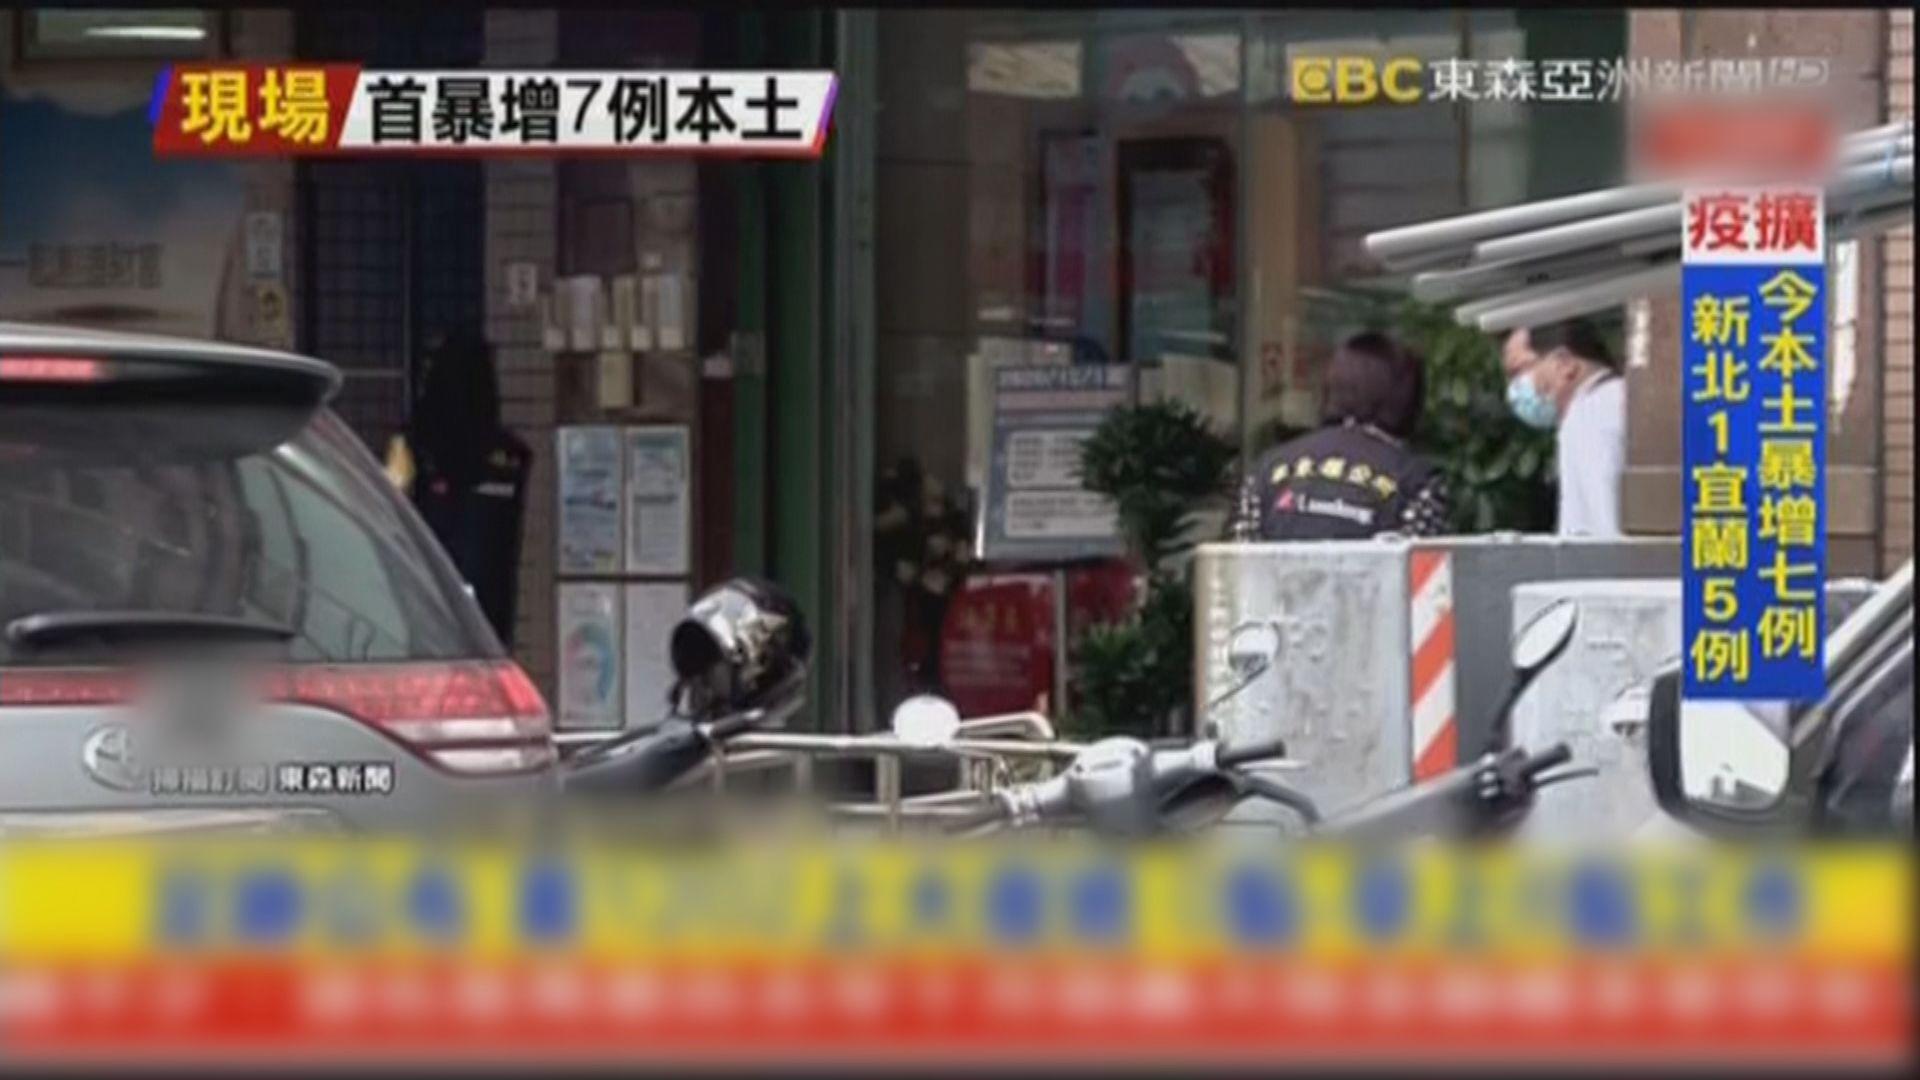 台灣增7宗本地確診個案 宜蘭遊藝場爆疫